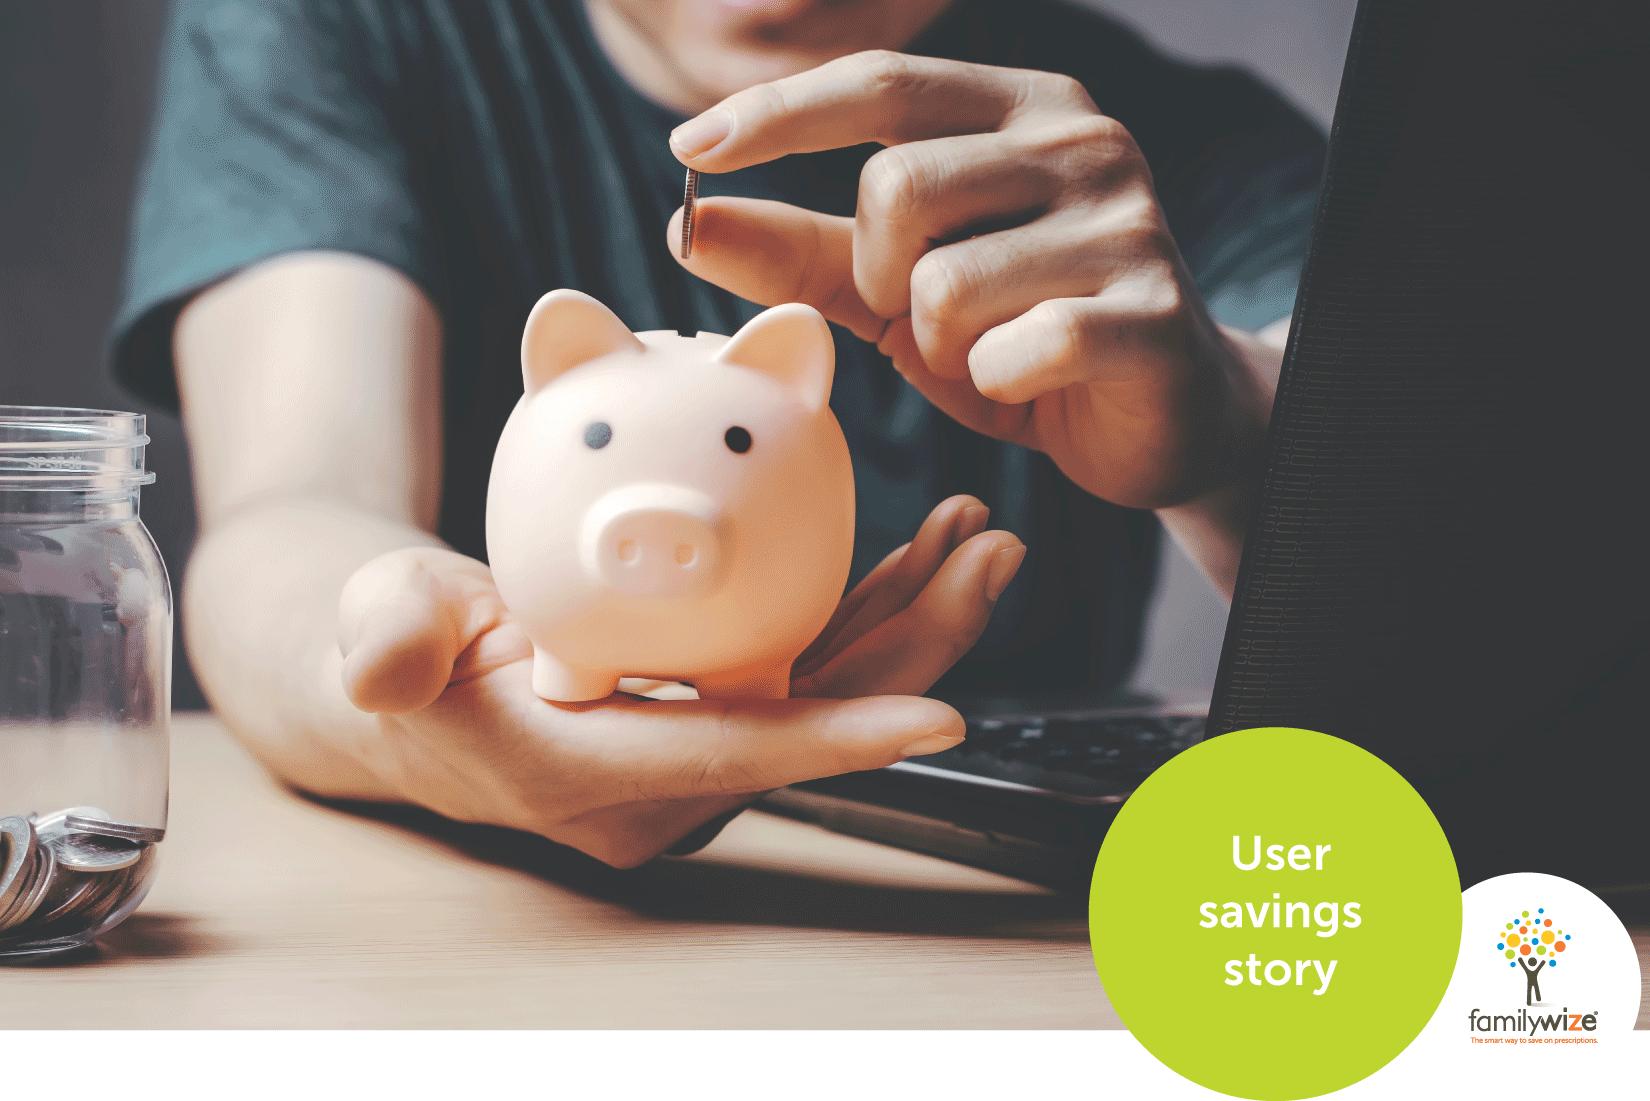 User Savings Story